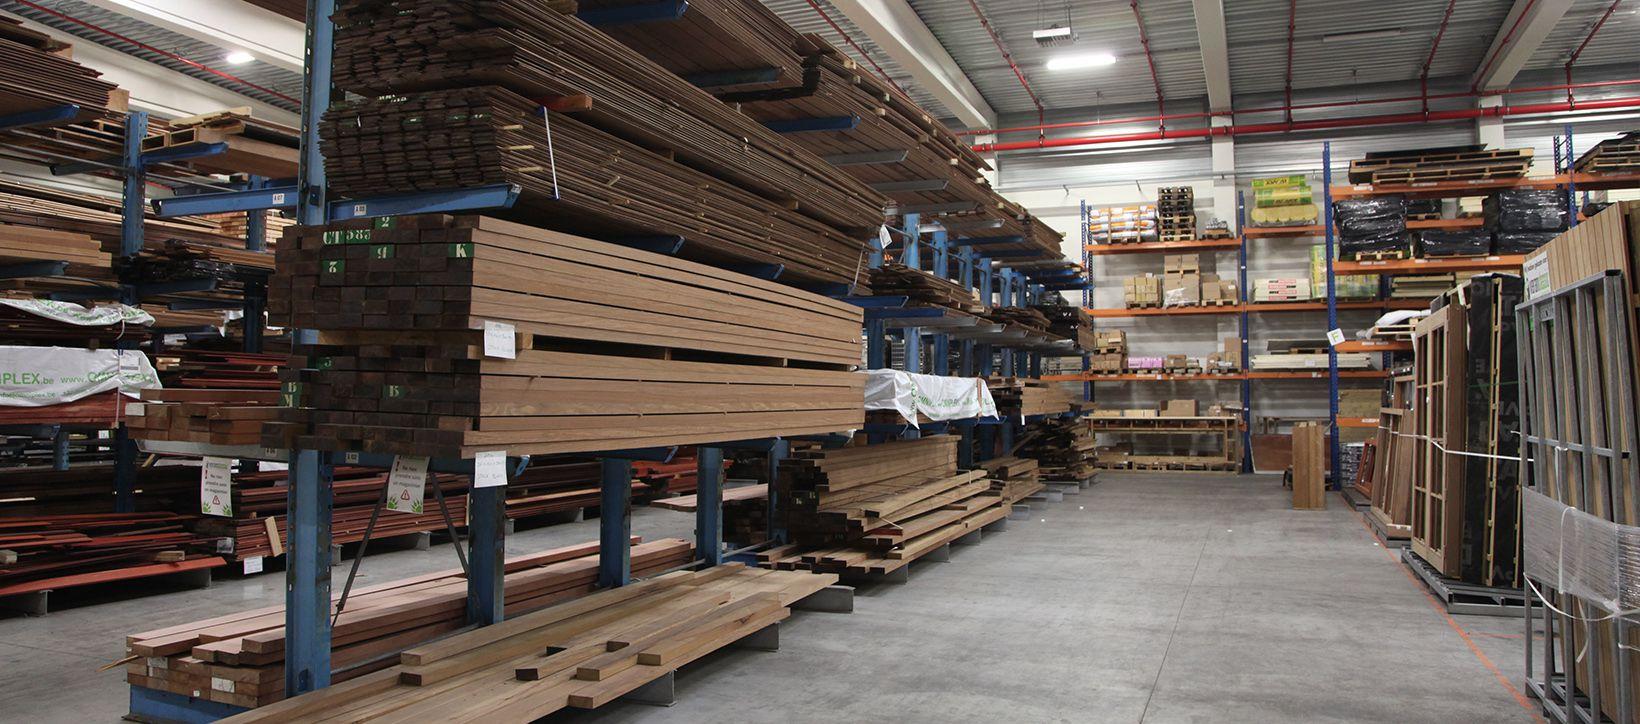 Notre entrepôt à bois